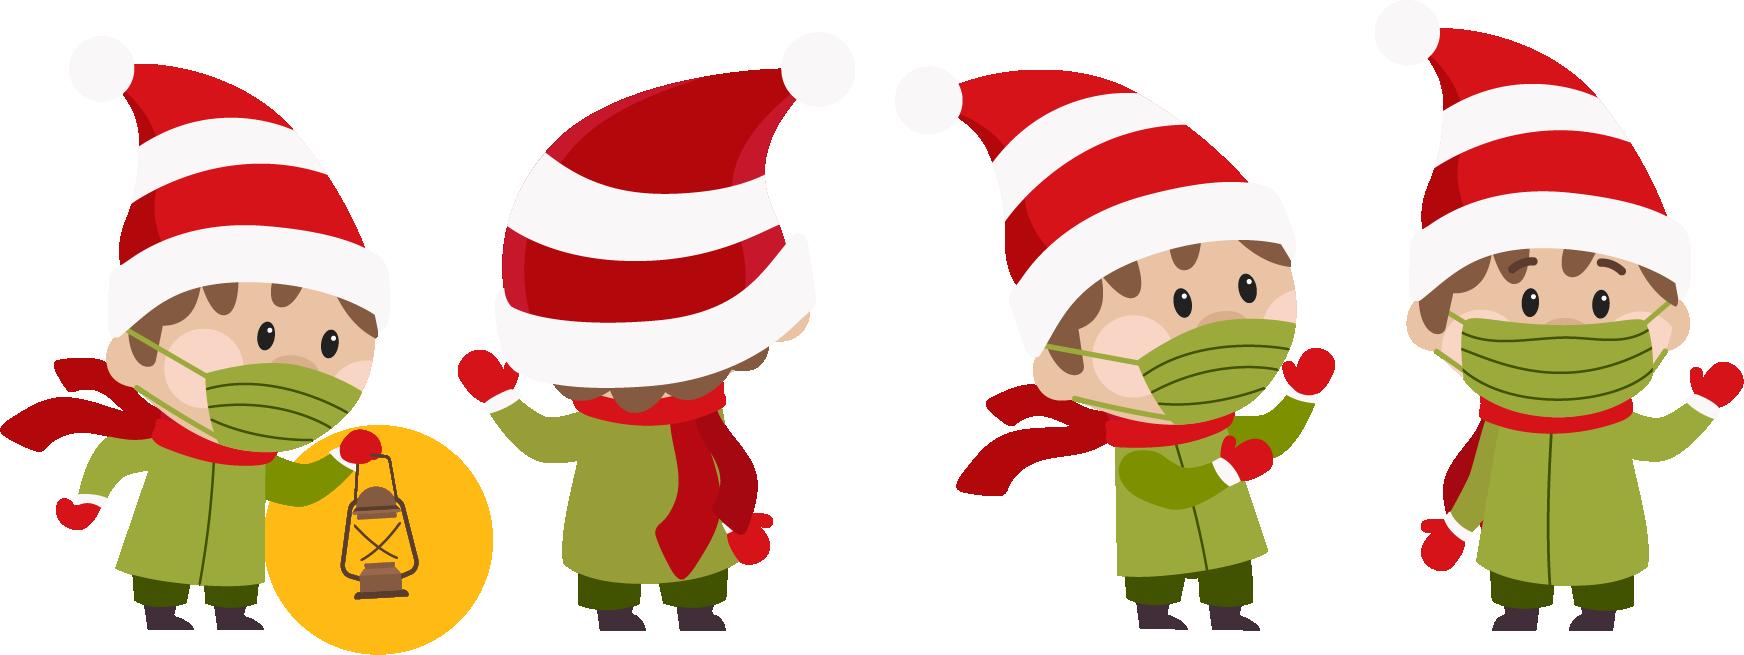 Weihnachtswichtel in verschiedenen Perspektiven